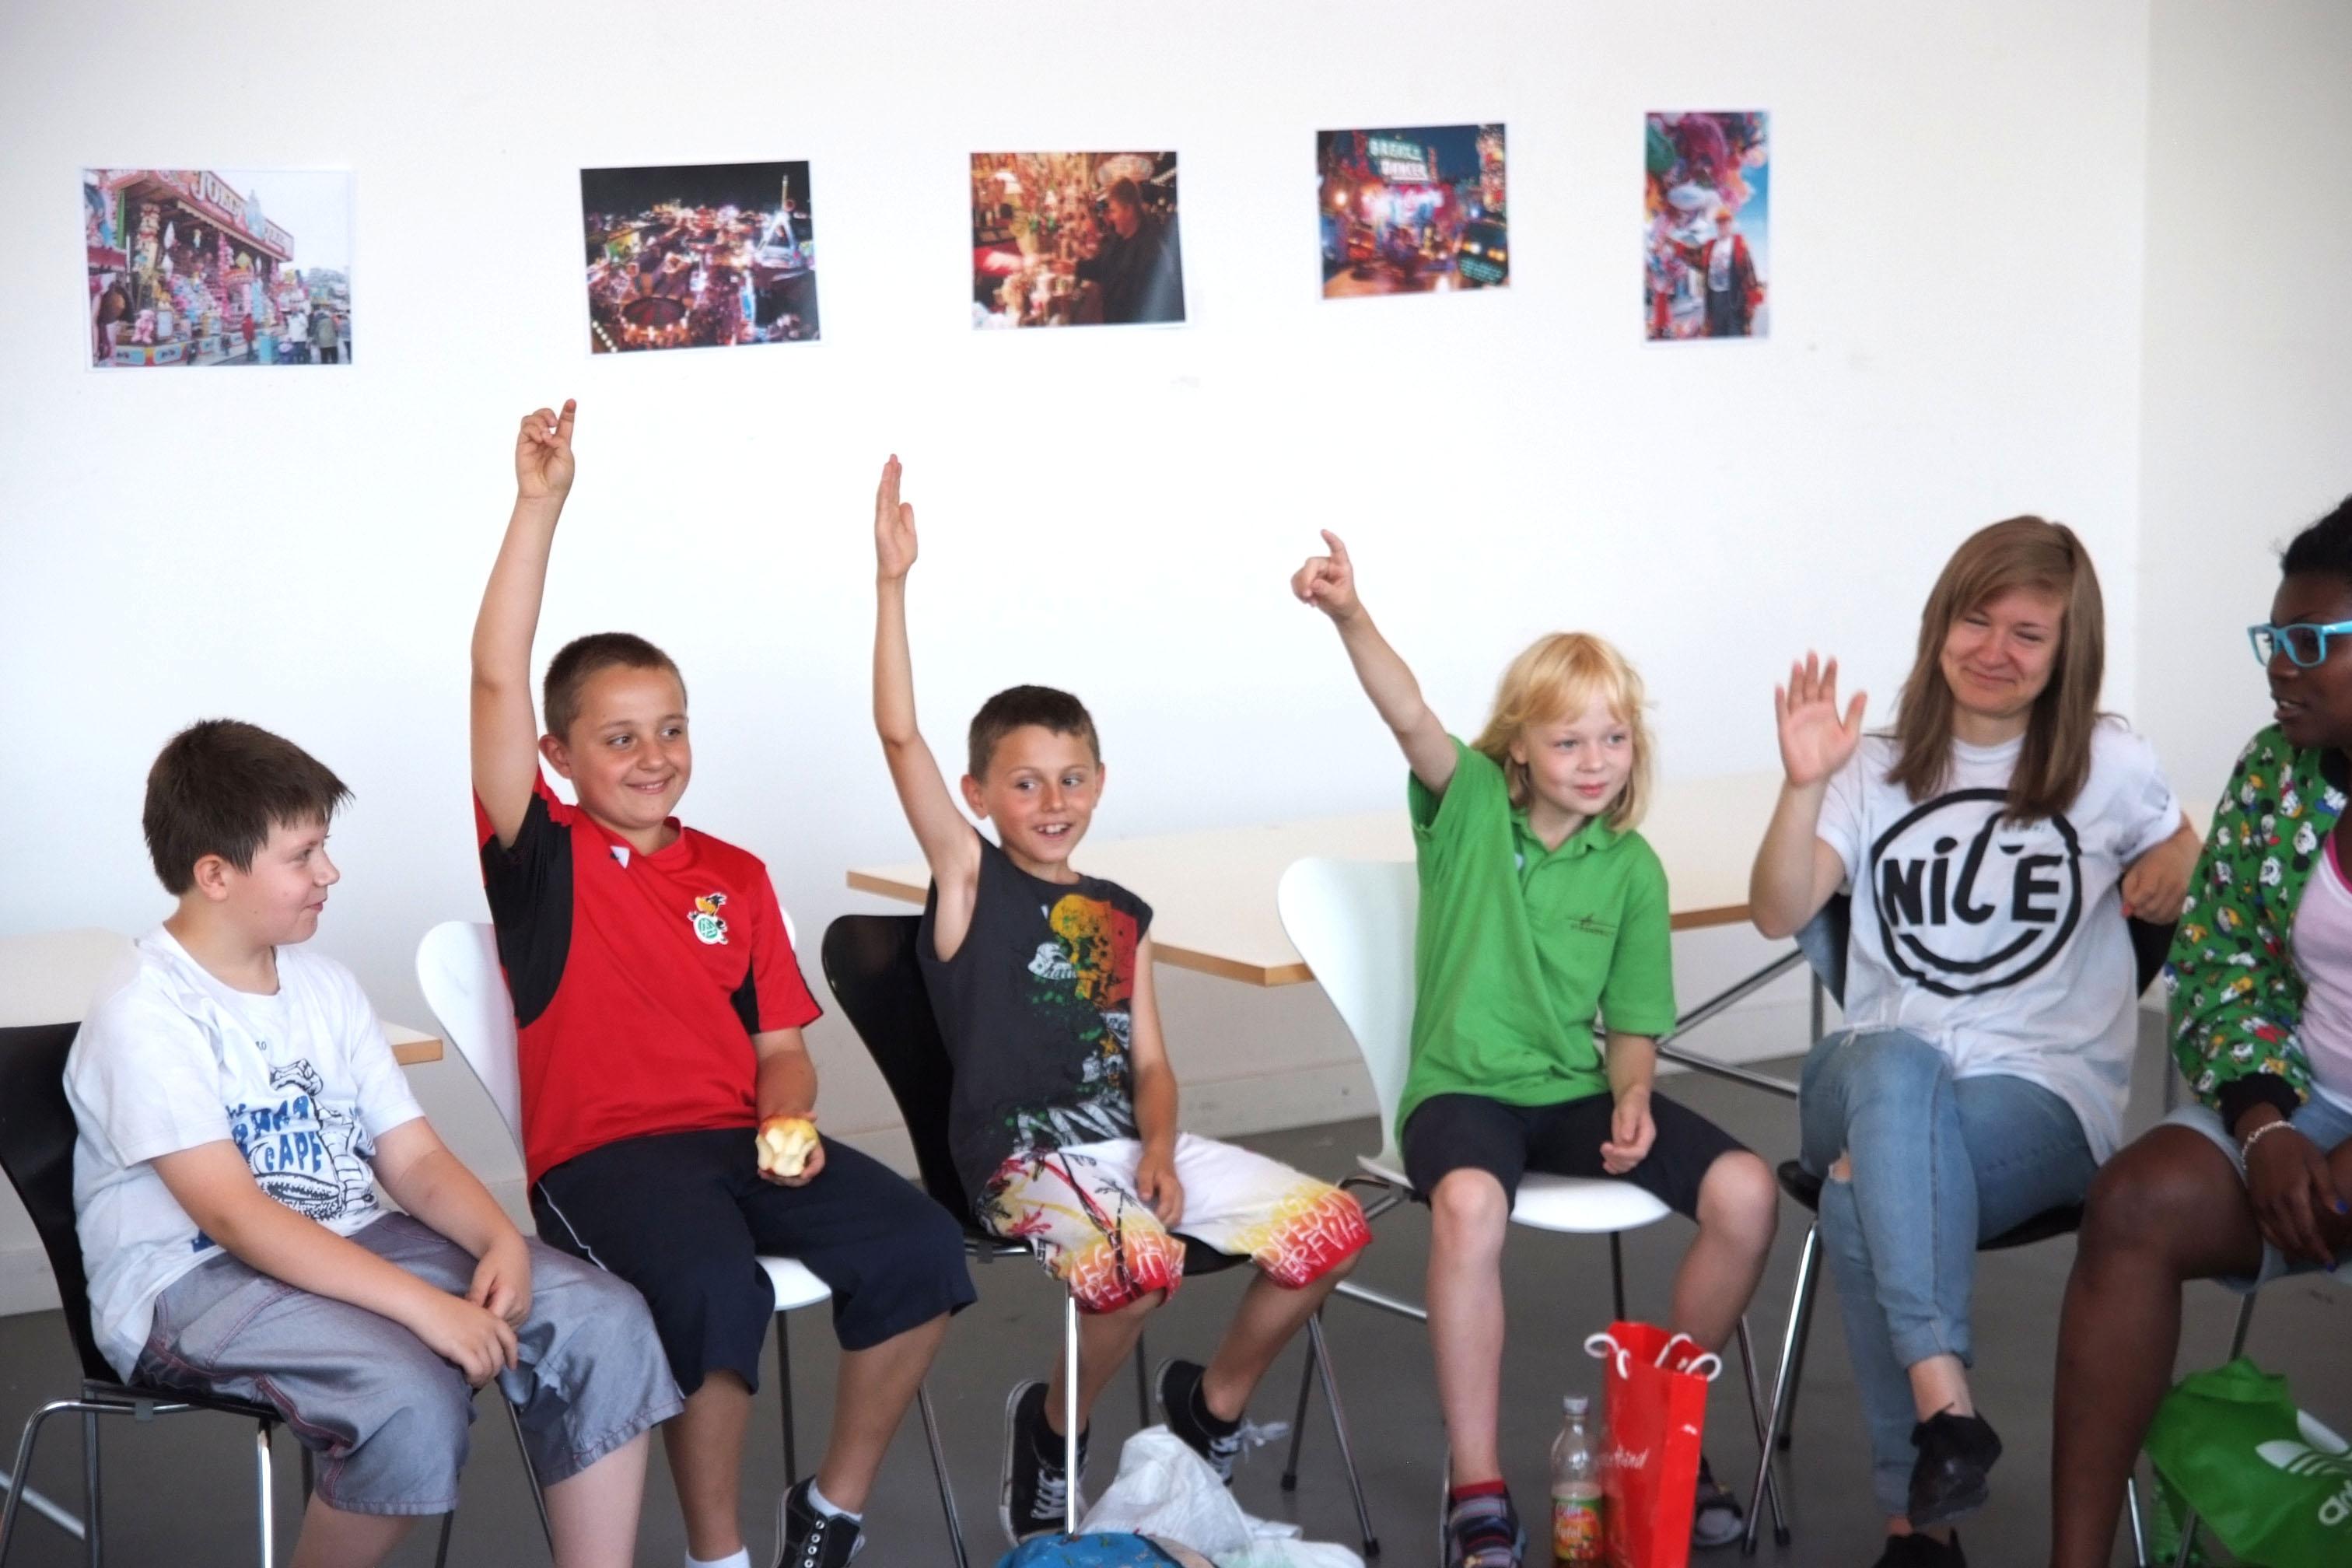 gerrit_schweiger-Rummel-2030-Zukunft-Kinder-Kreativität-Mode-Workshop-Modenschau-Ausstellung-10